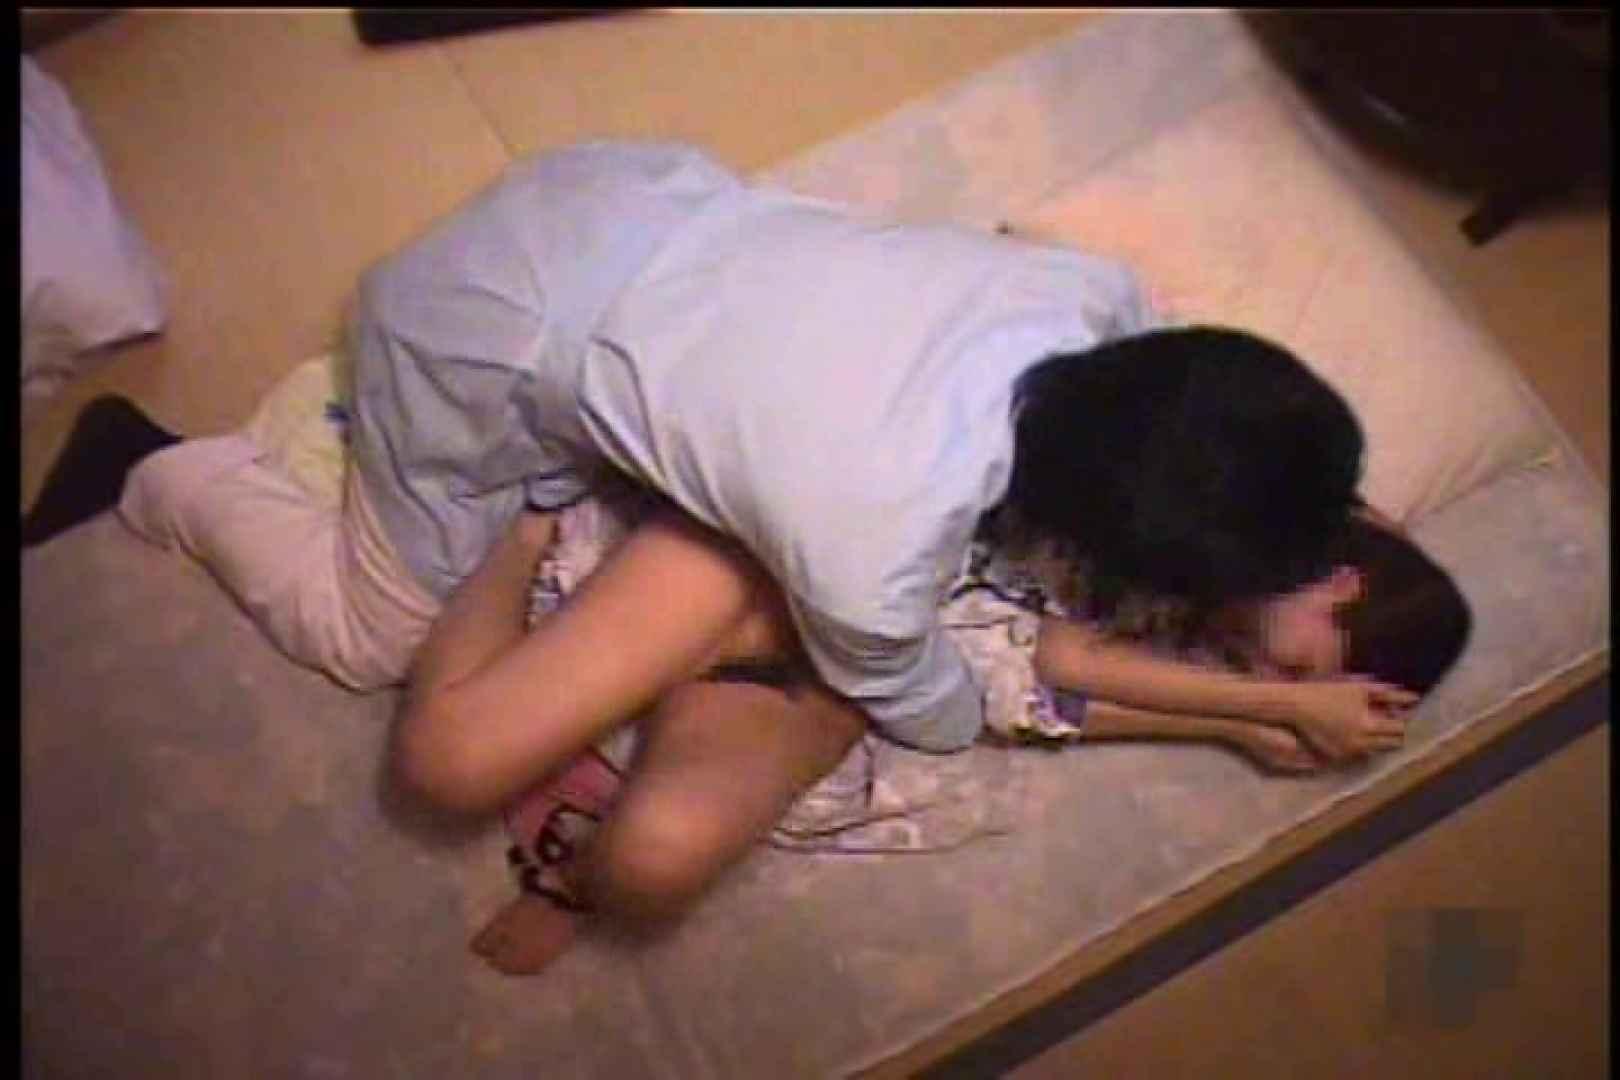 女性専用会員制風俗の実態!!Vol.6 OLセックス 盗撮オマンコ無修正動画無料 98画像 38